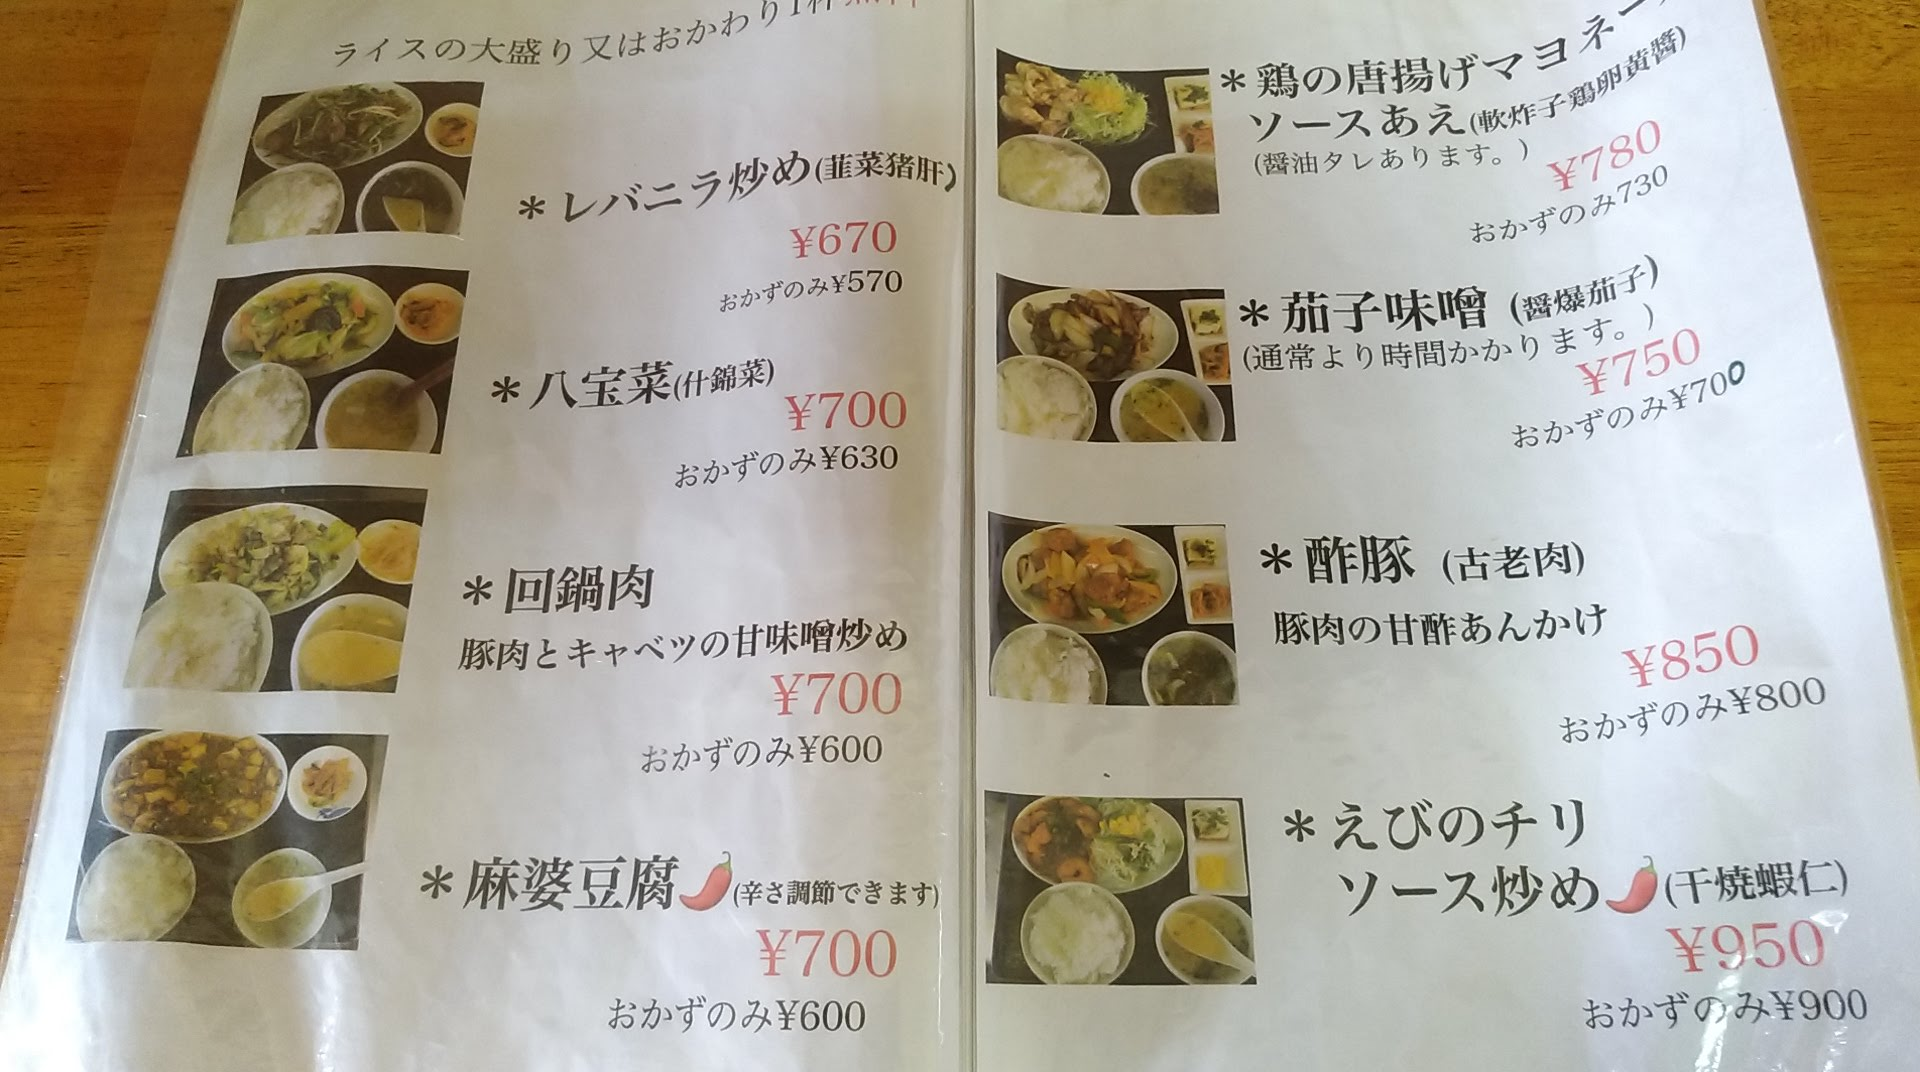 麺作のメニュー 3